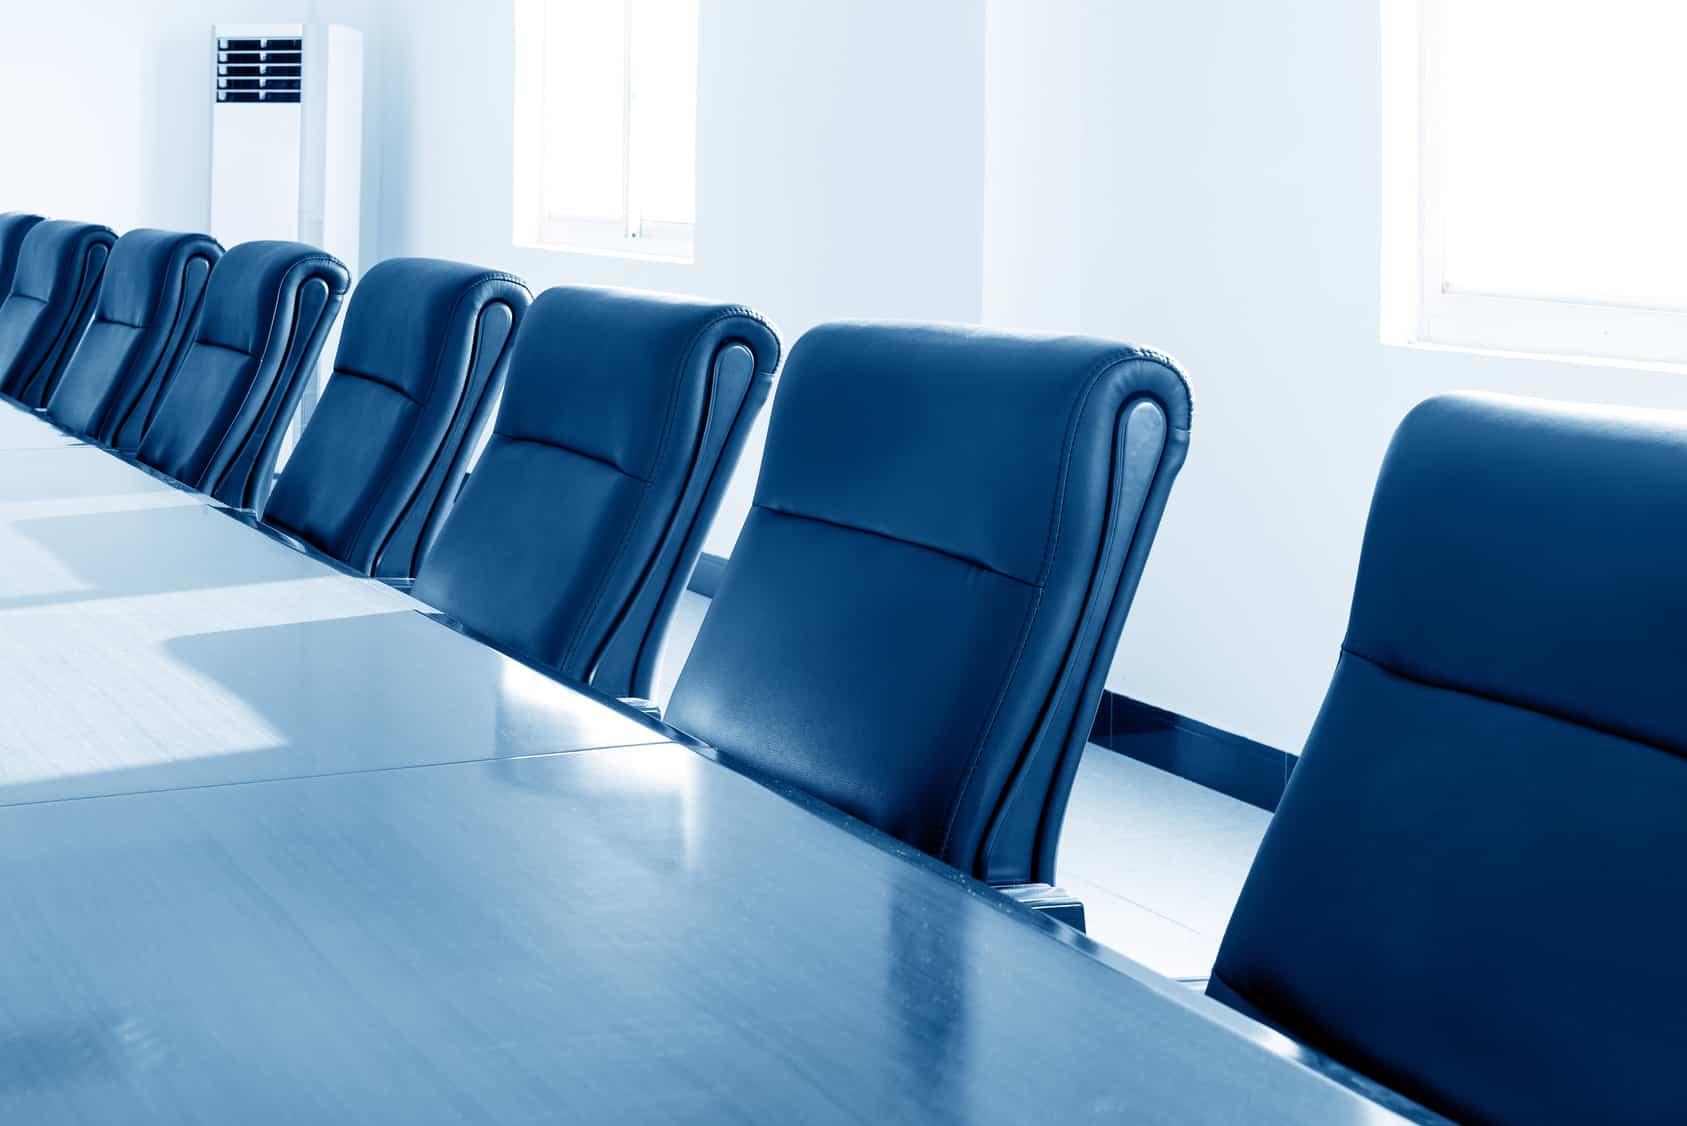 Este miércoles comparecieron los cinco (son siete en total) comisionados interesados en presidir el Instituto Federal de Telecomunicaciones (IFT), ante las comisiones de Comunicaciones y Transportes; Radio, Televisión y Cinematografía; y Estudios Legislativos, del Senado de la República.